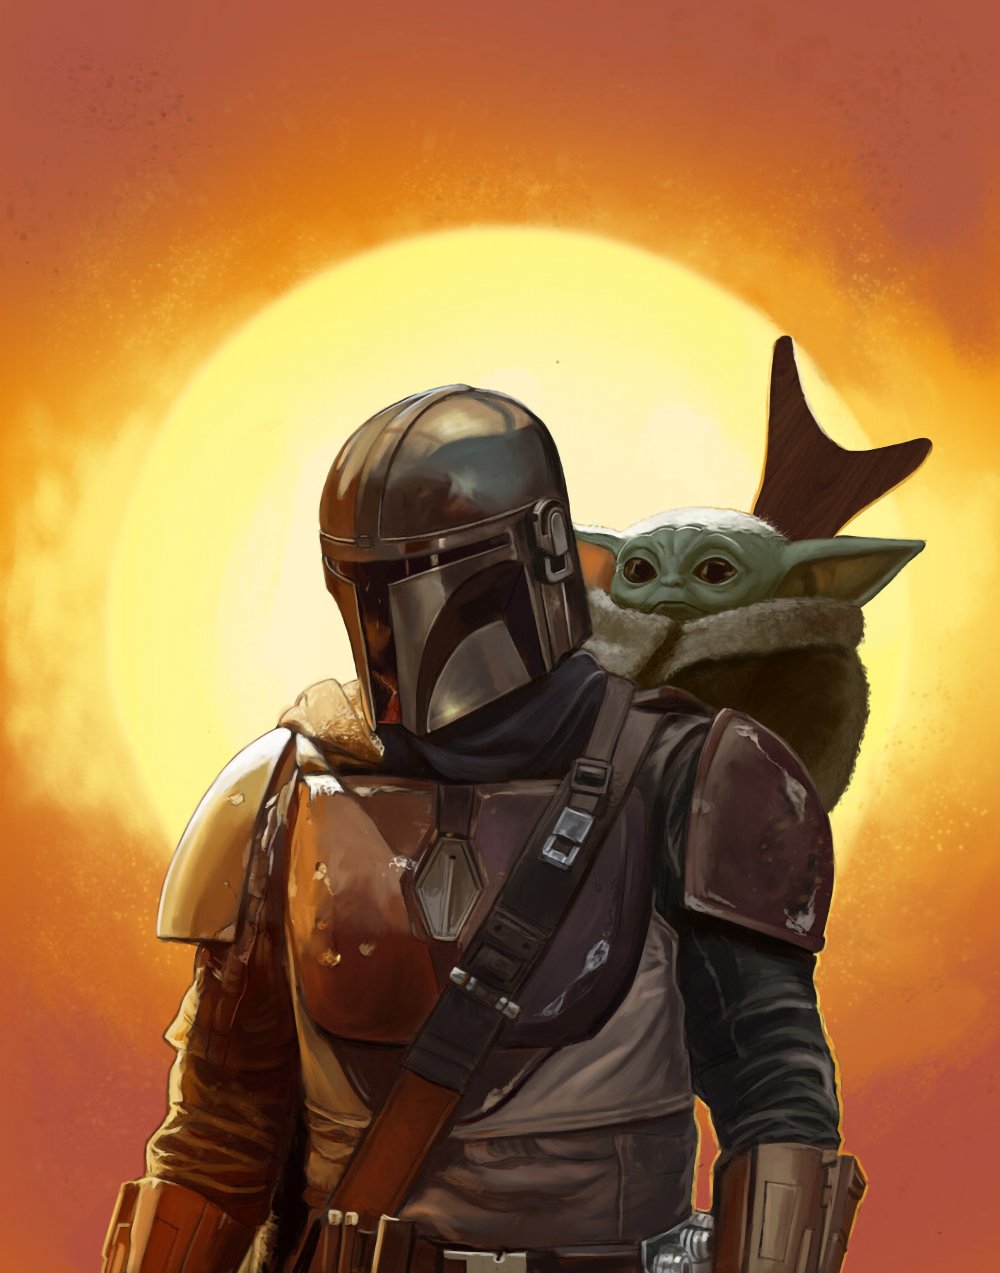 Baby Yoda and Mandalorian FanArt (2020) Star wars